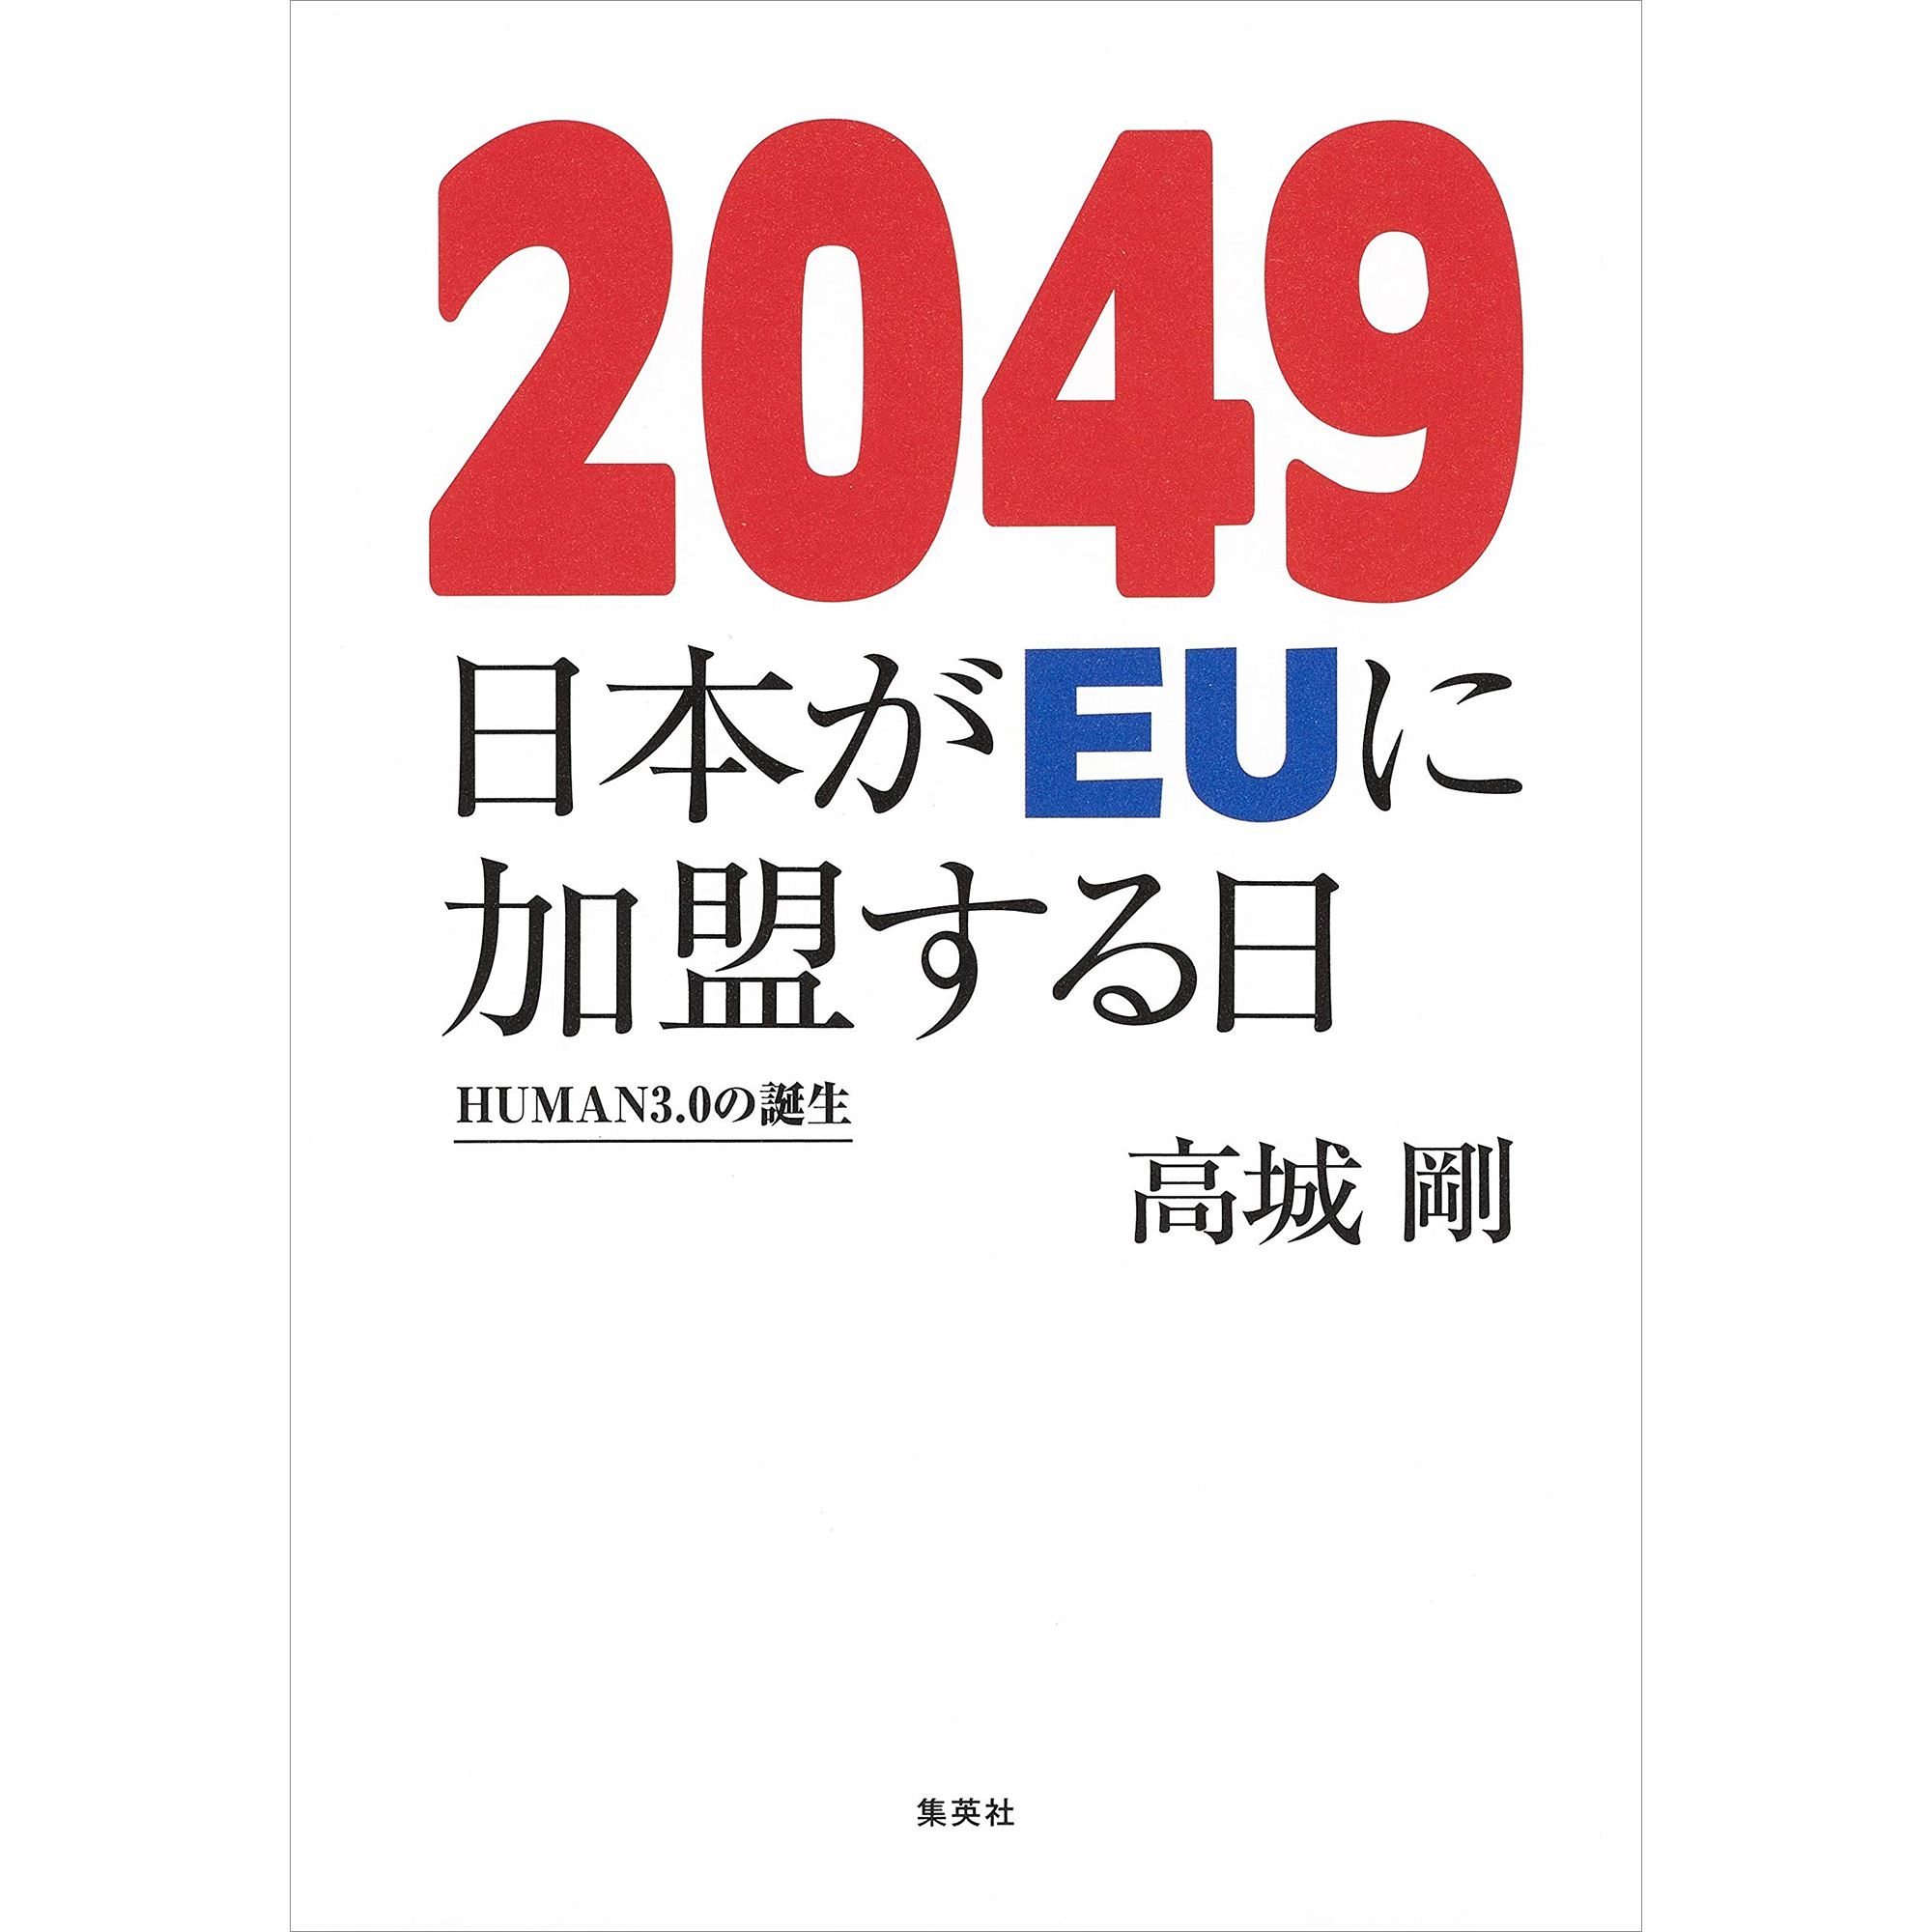 2049 日本がEUに加盟する日 HUMAN3.0の誕生 – 高城剛